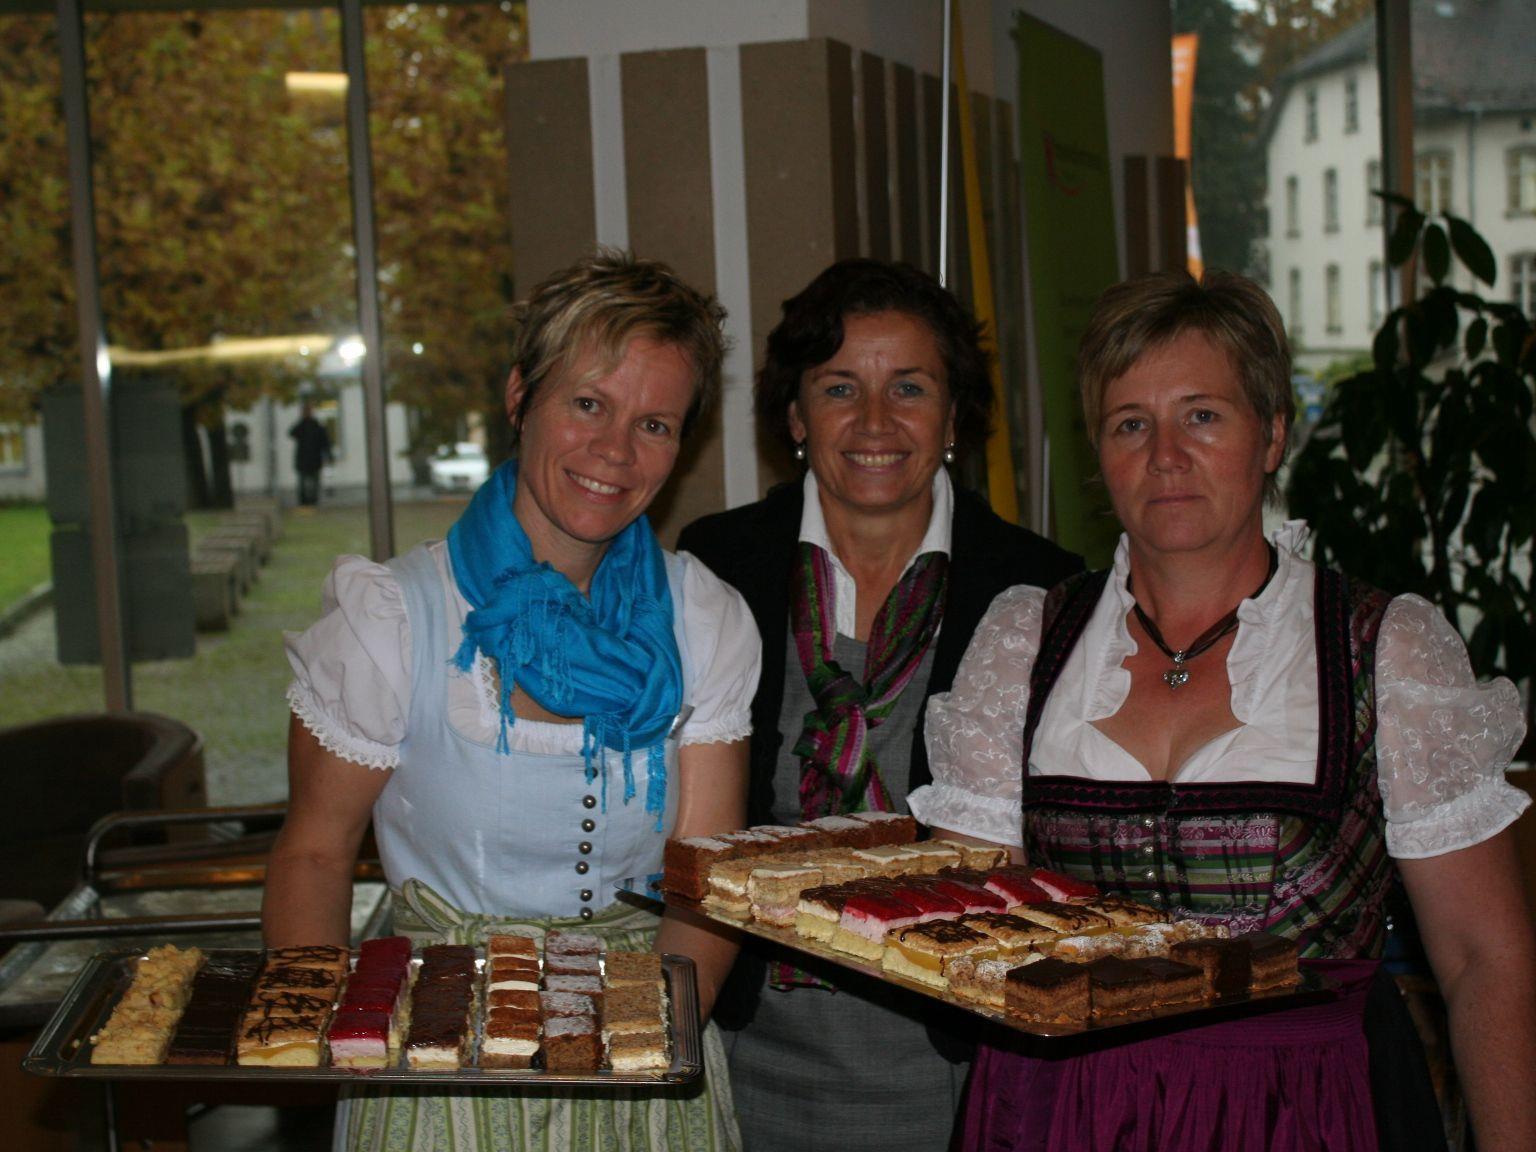 Andrea Bereuter, Evy Halder und Annelies Fessler verwöhnten die Gäste mit feinen Kuchen